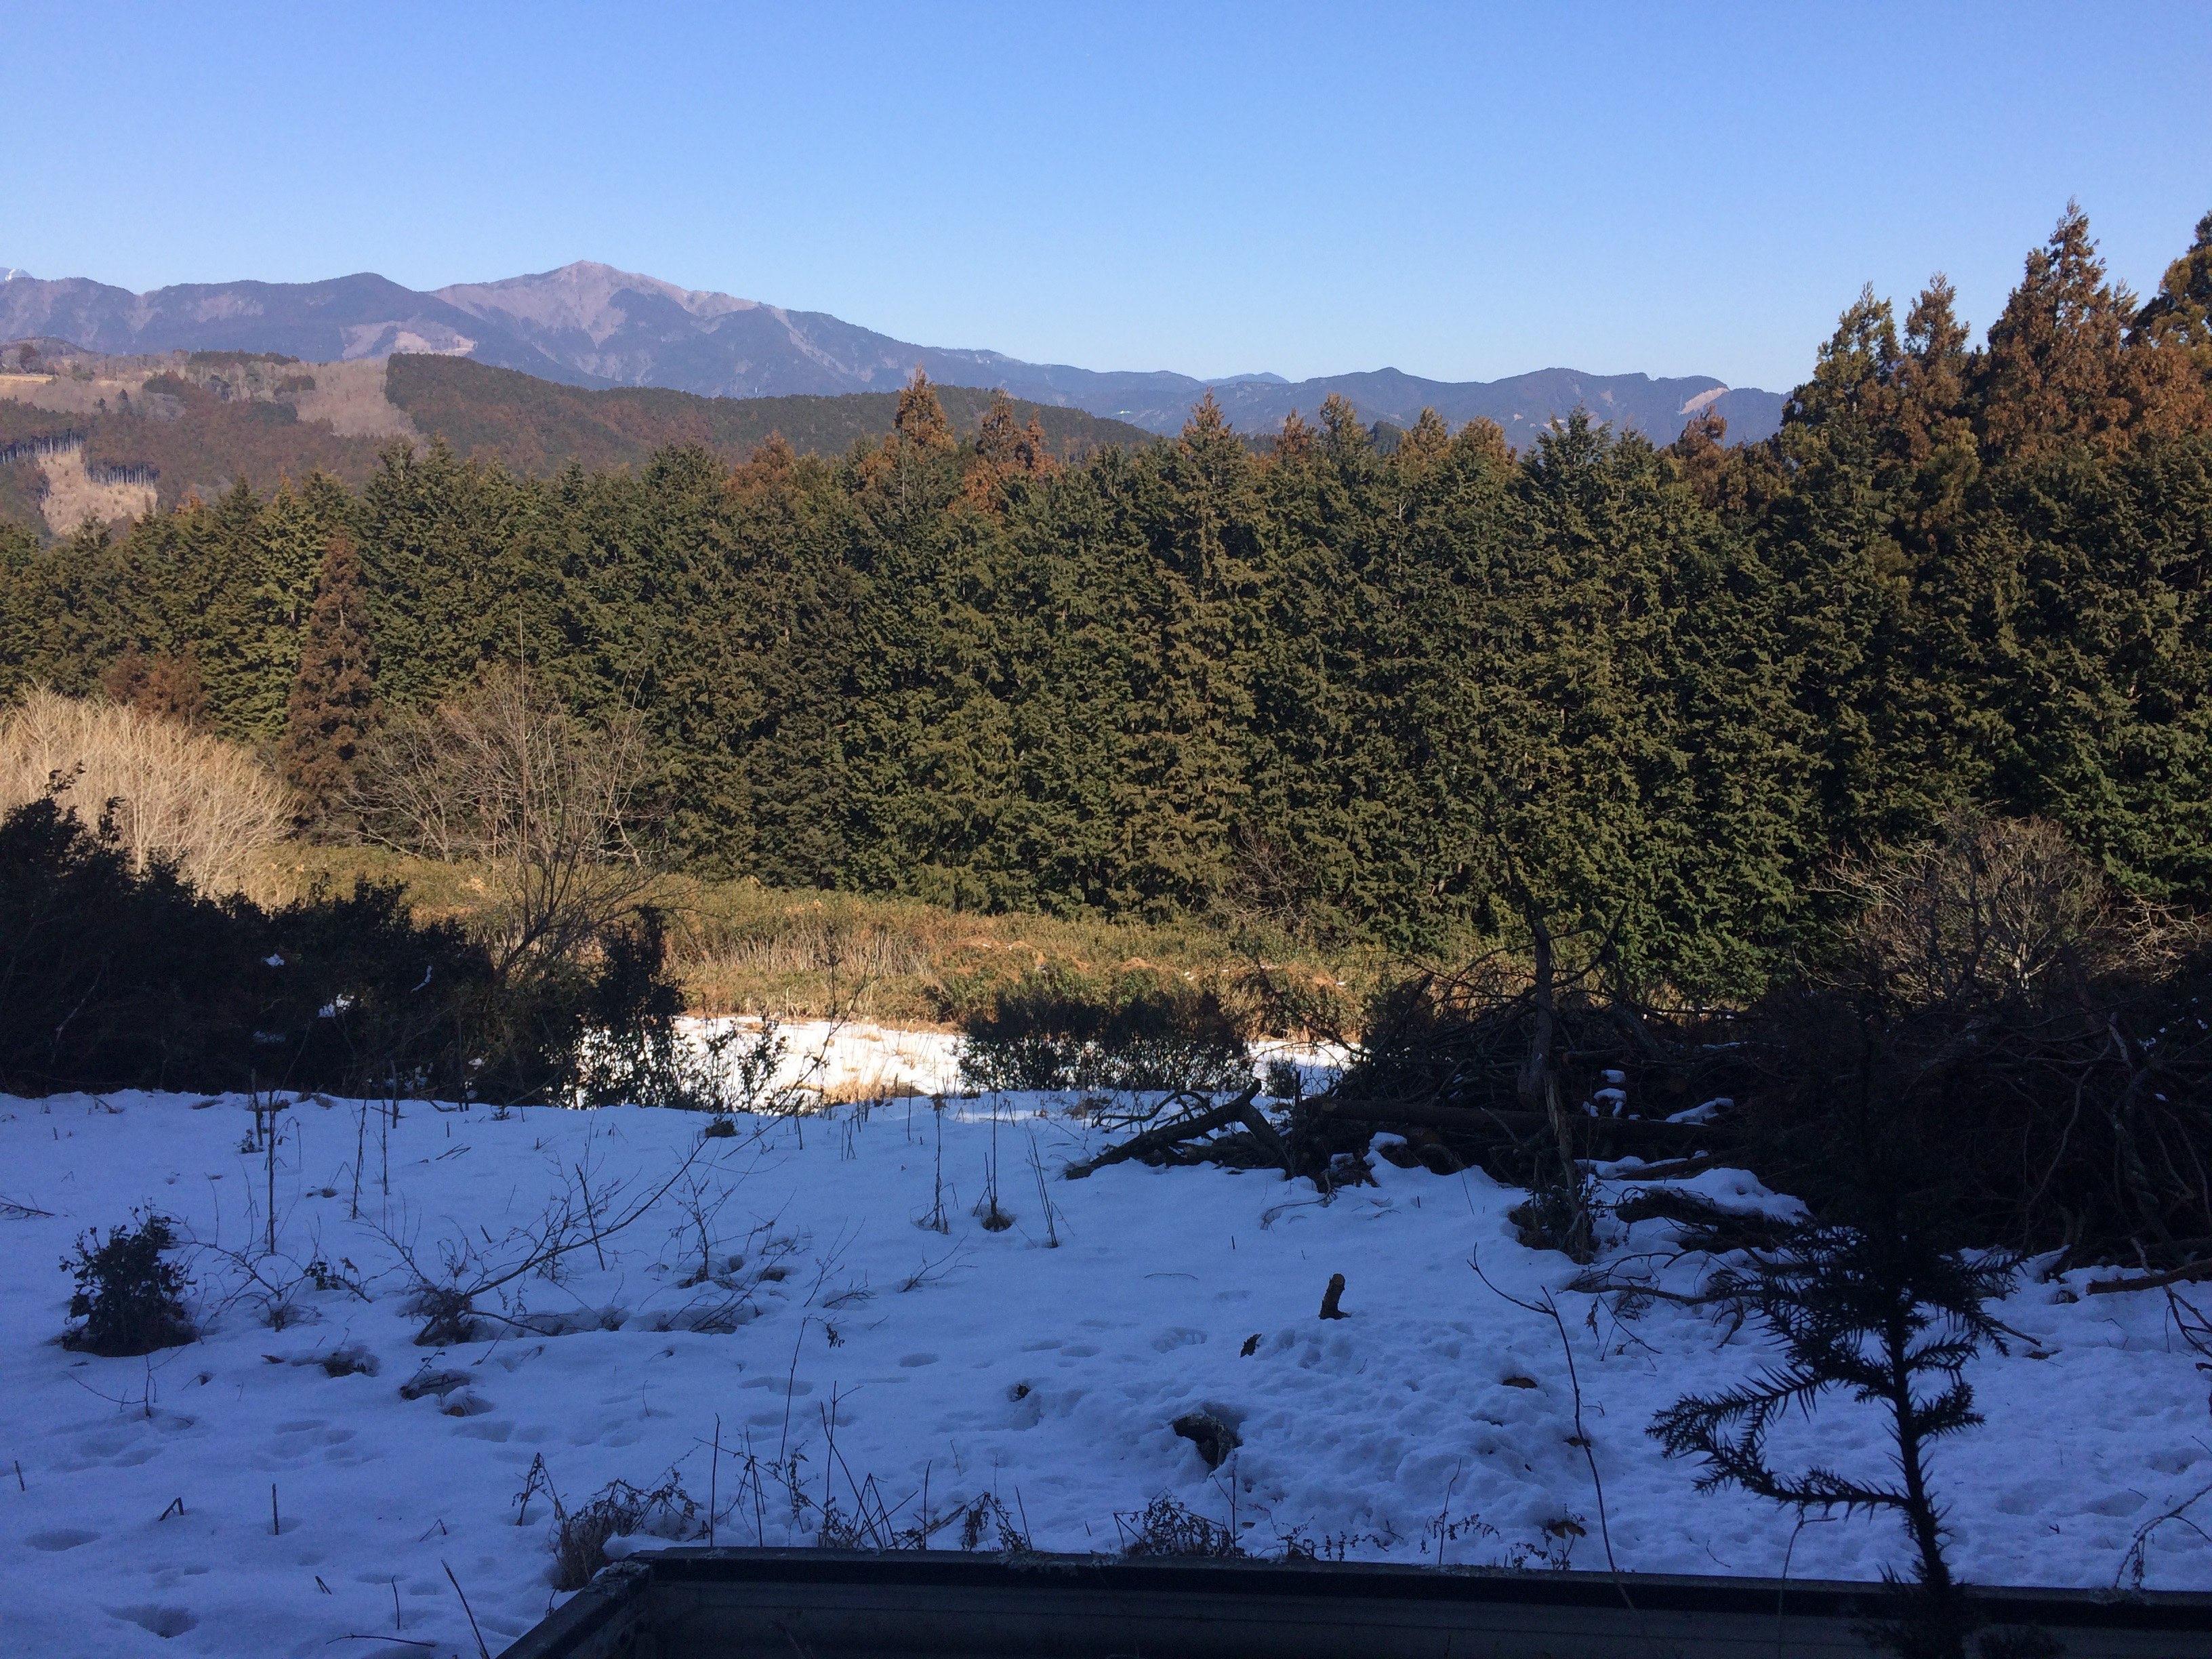 ずしゃだち圃場雪景色